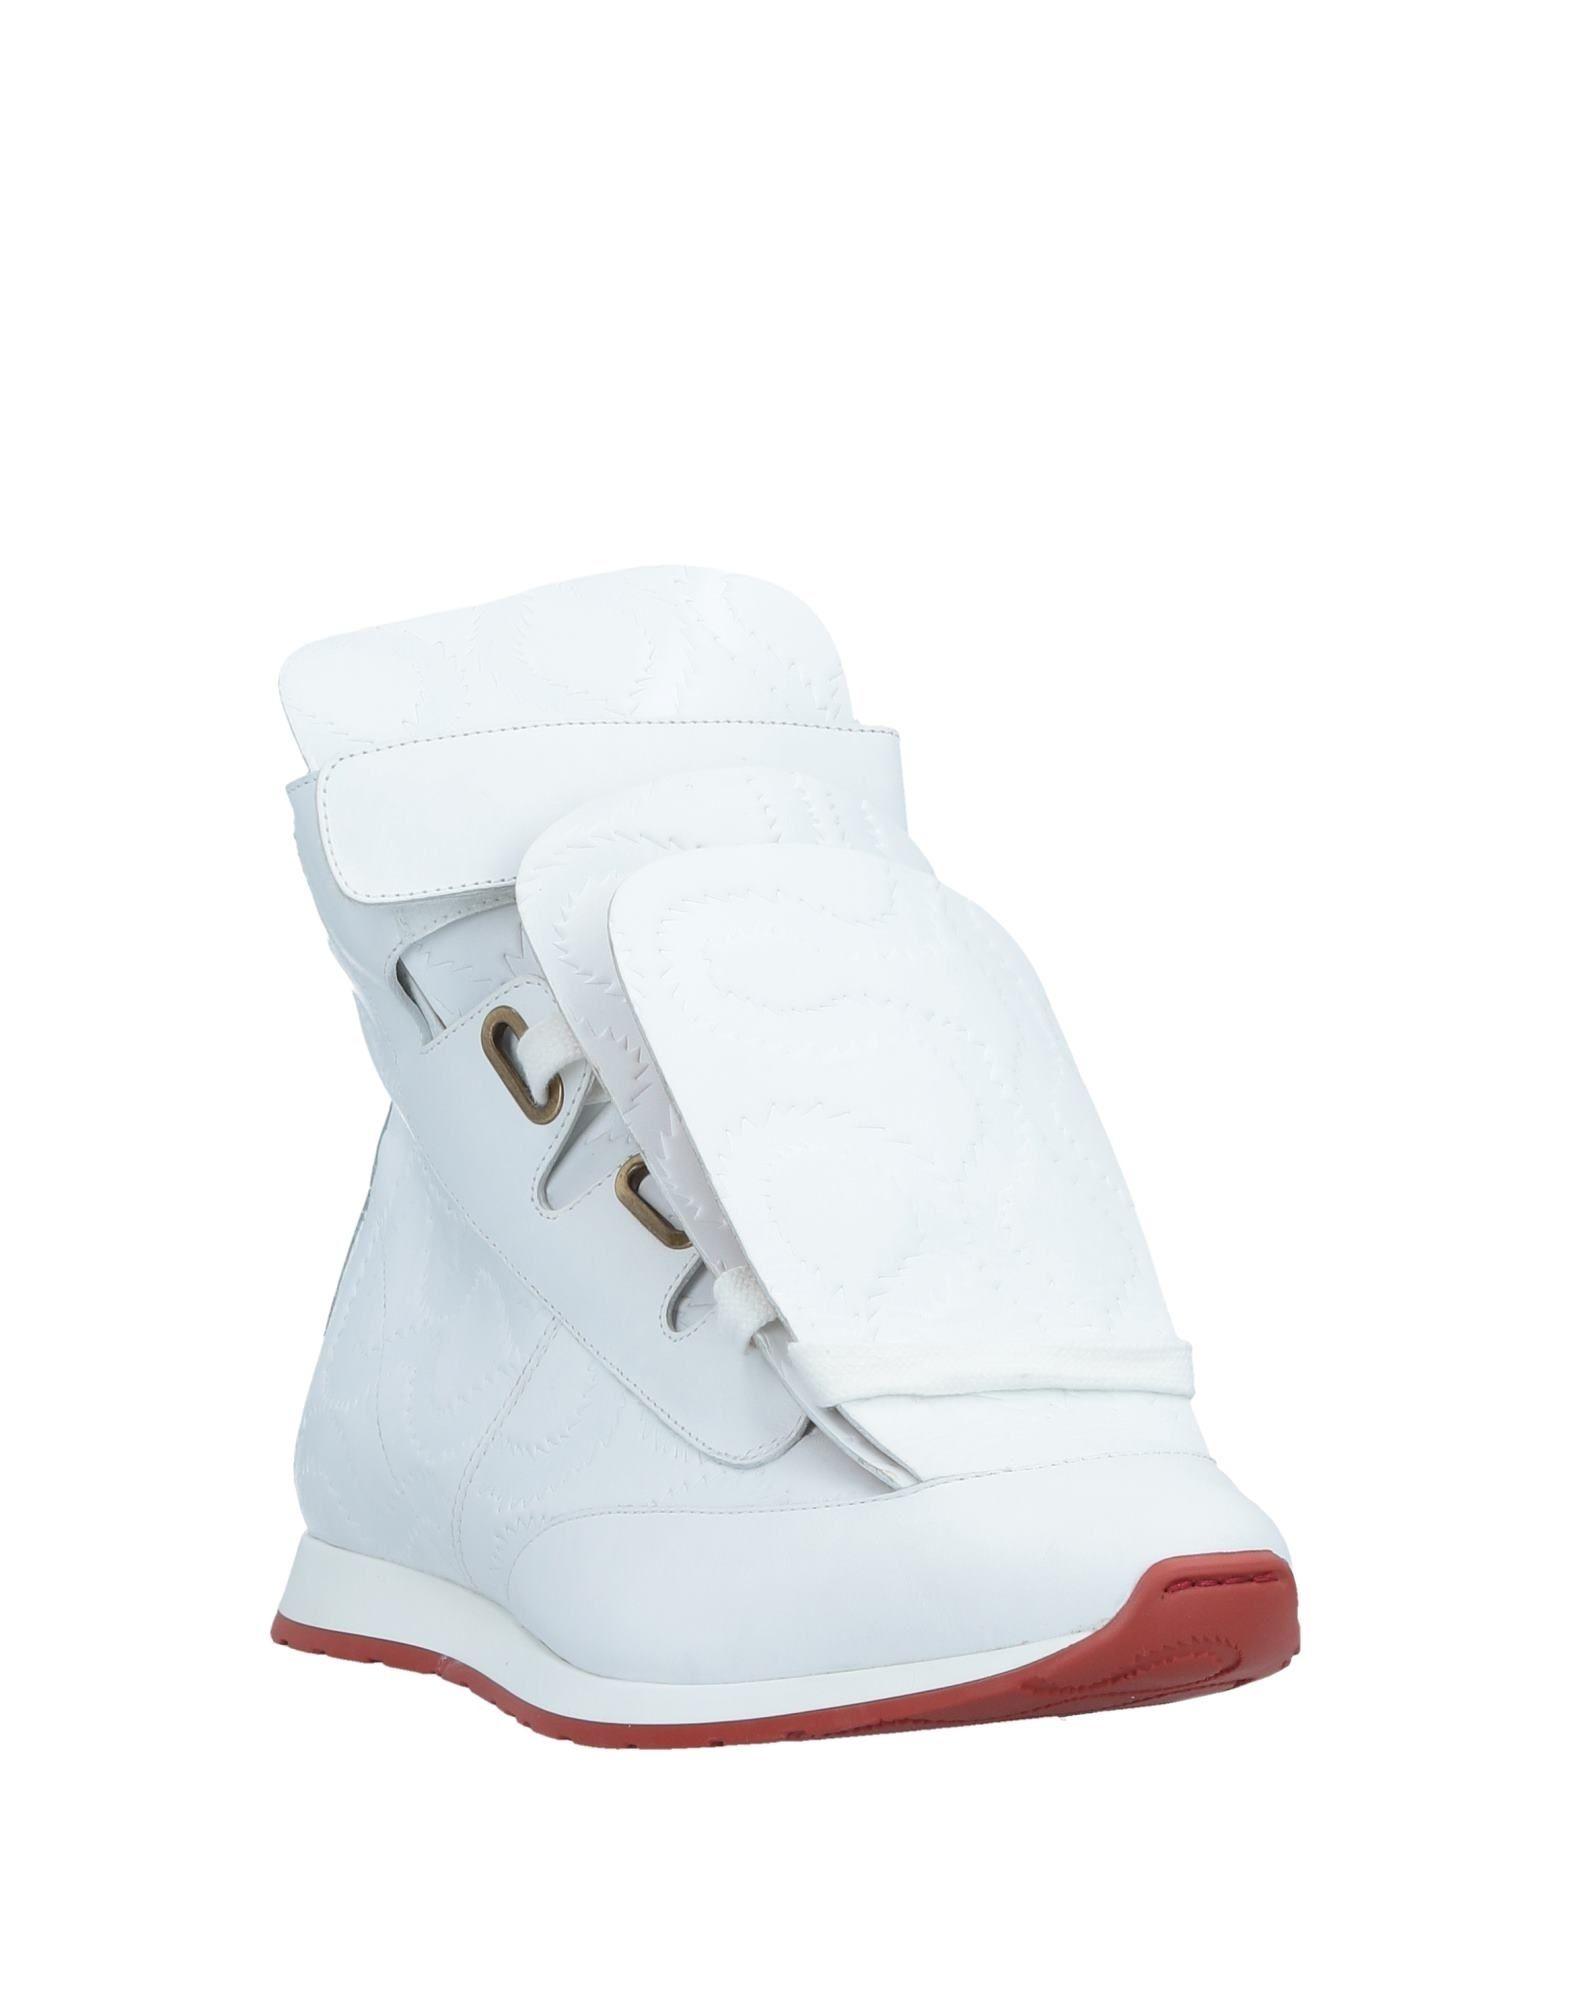 Vivienne Westwood Westwood Vivienne Sneakers Herren  11522491MP 610b29